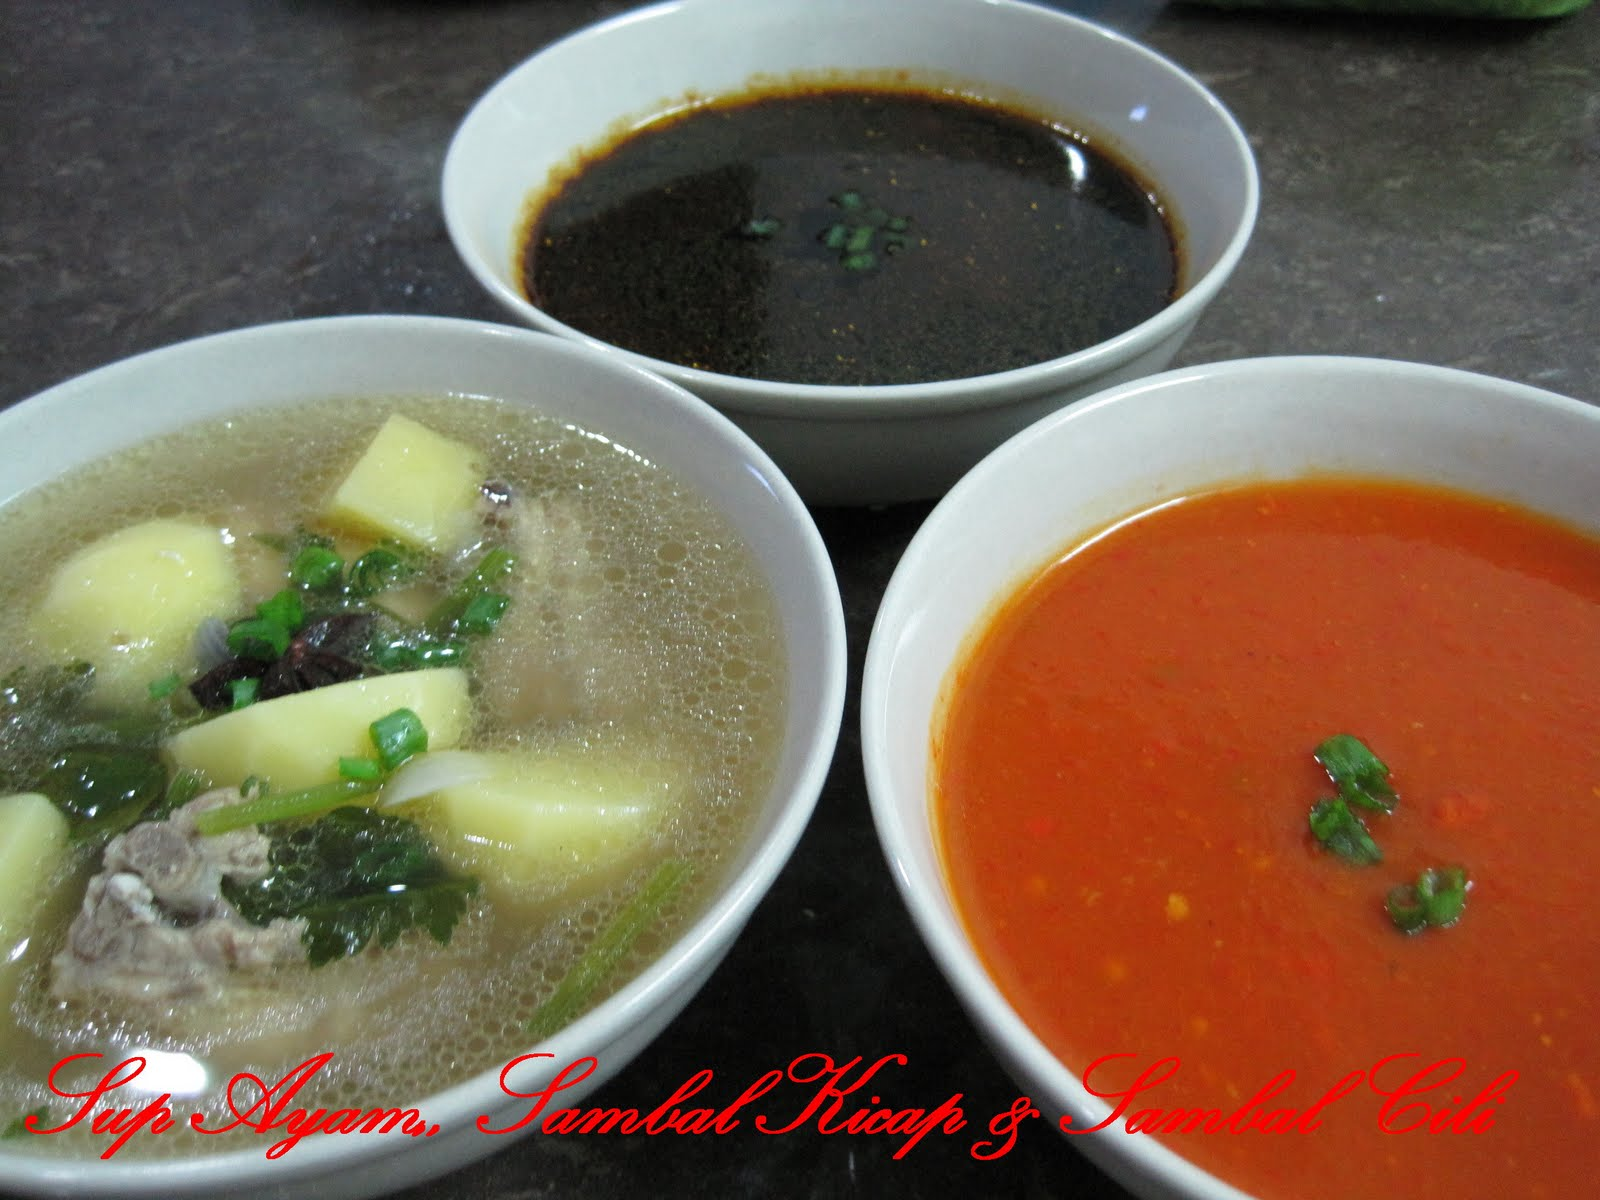 resepi sos black pepper nasi ayam hotel klodran Resepi Daging Masak Bistik Enak dan Mudah